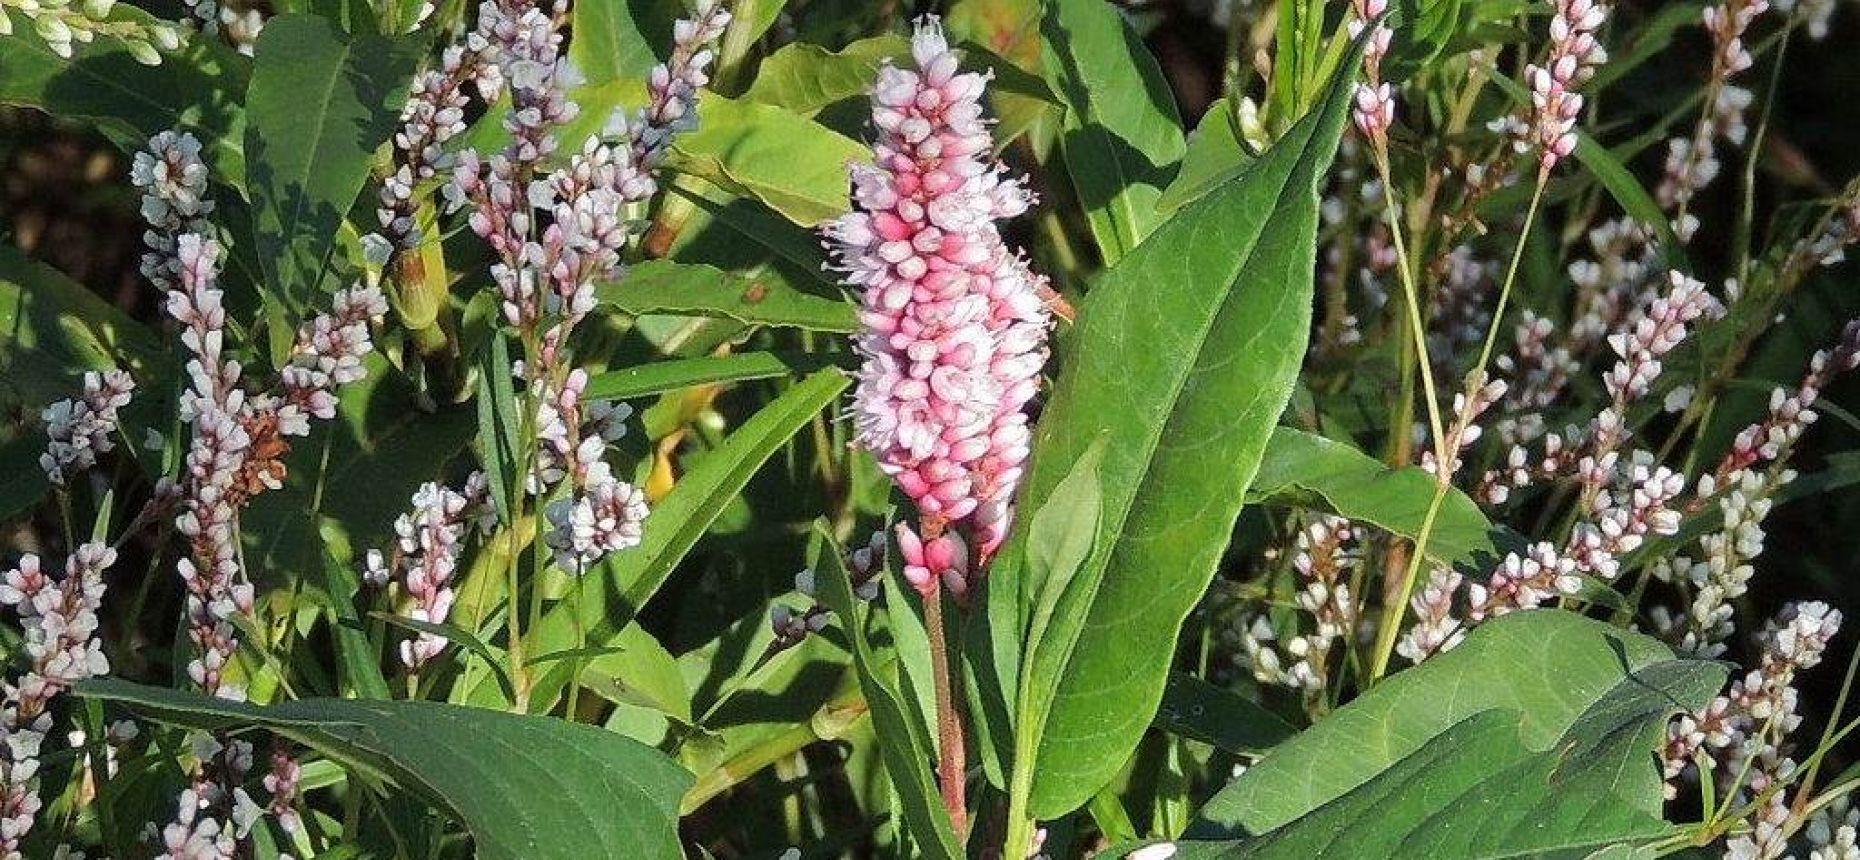 Горец земноводный, Щучья трава  - Persicariaamphibia(L.) Delarbre